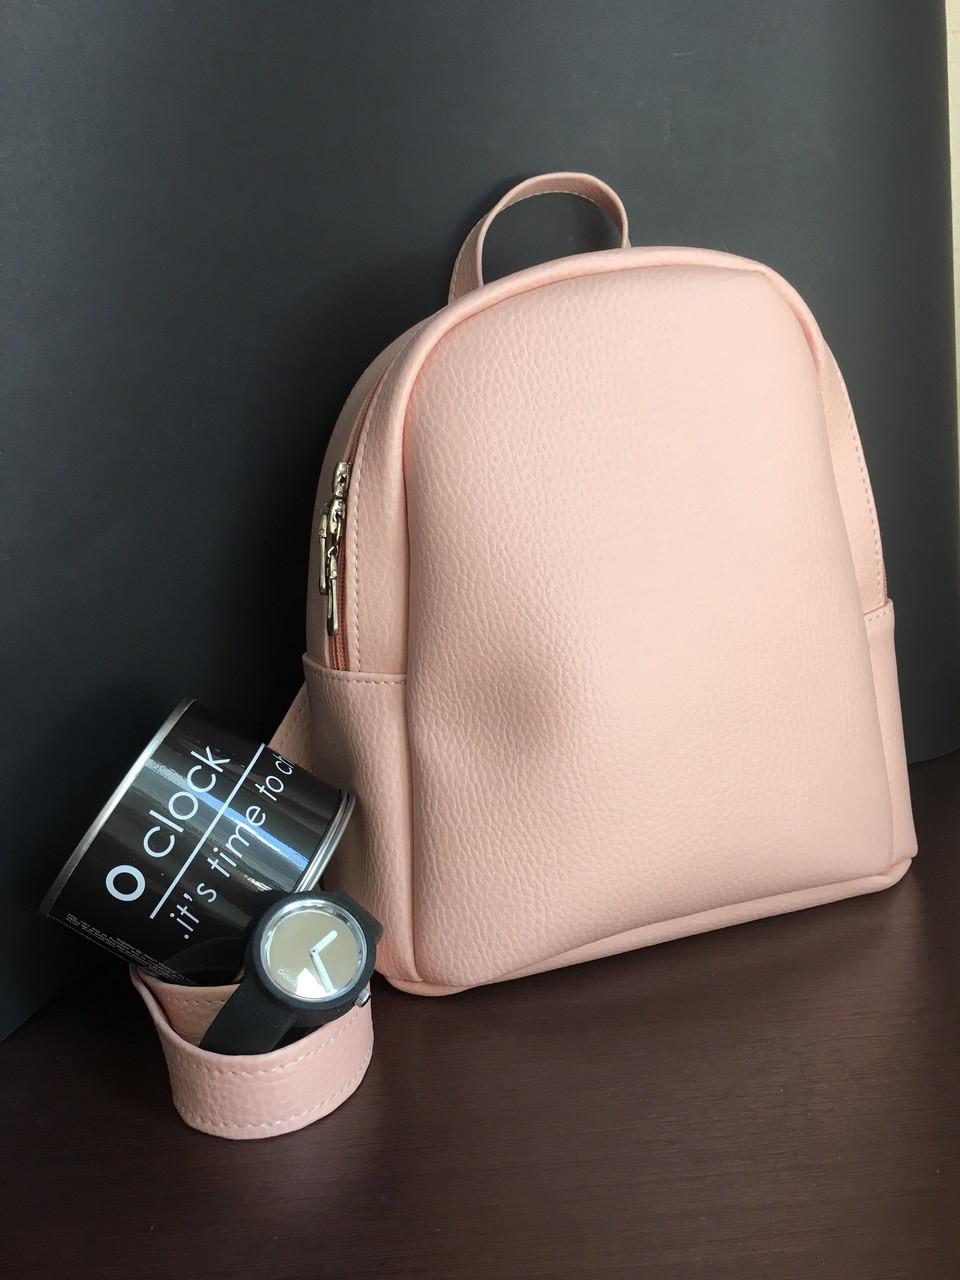 Стильный женский рюкзак маленький пудра (светло-розовая) эко-кожа ЕСТЬ  РАЗНЫЕ ЦВЕТА ... 46efcd7a7dd